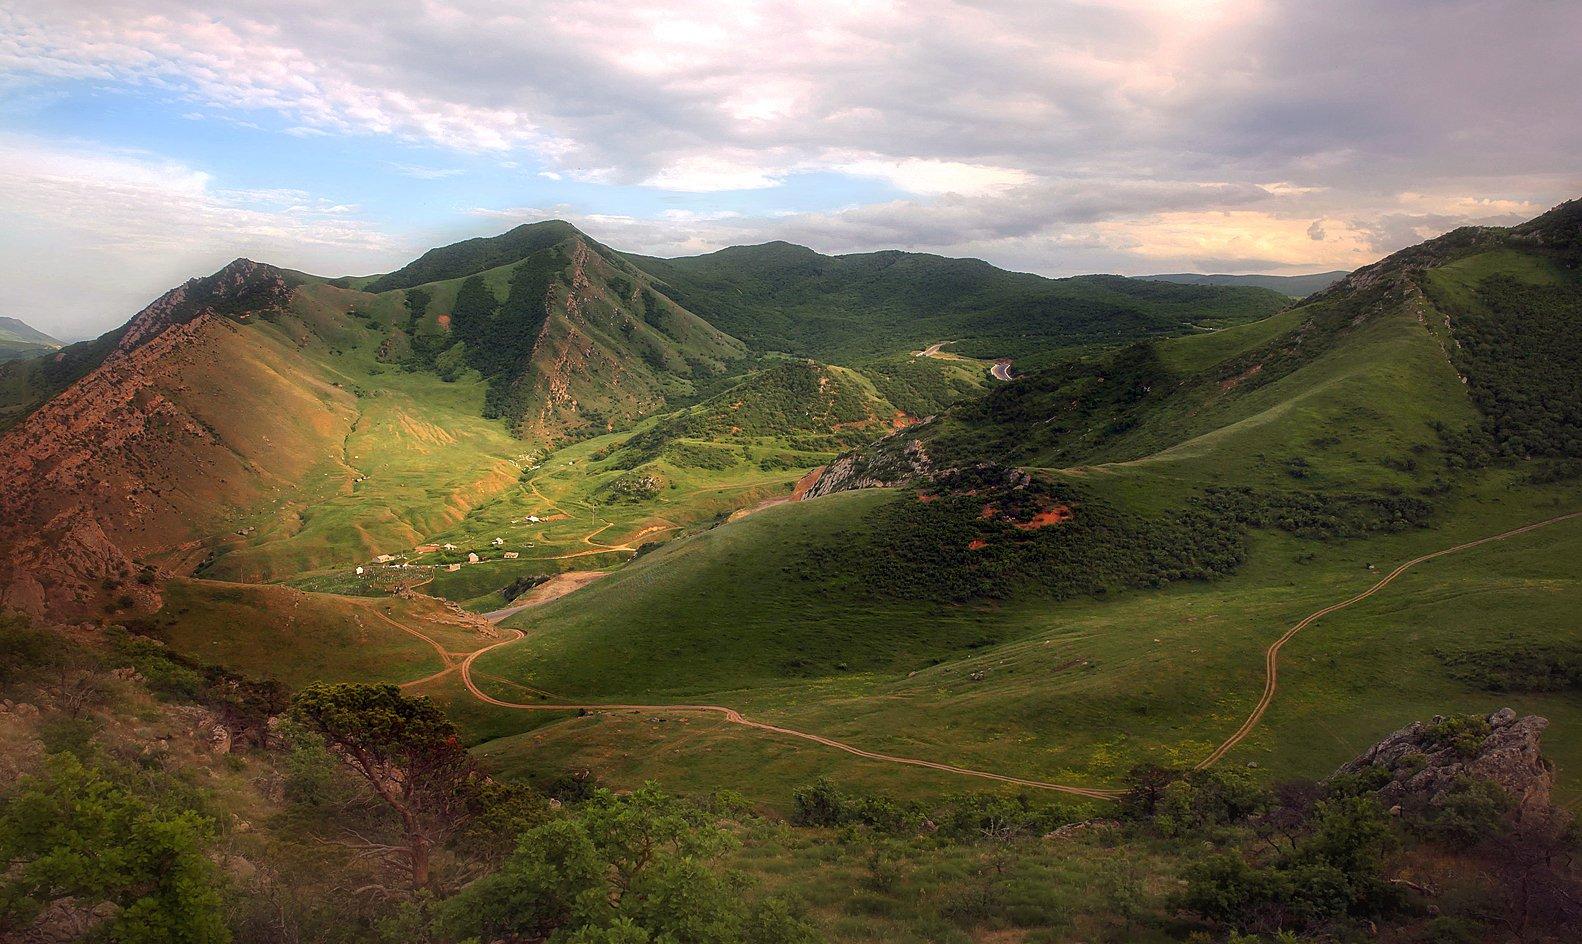 горы,пейзаж,горный пейзаж,весна,дагестан,северный кавказ,, Magov Marat